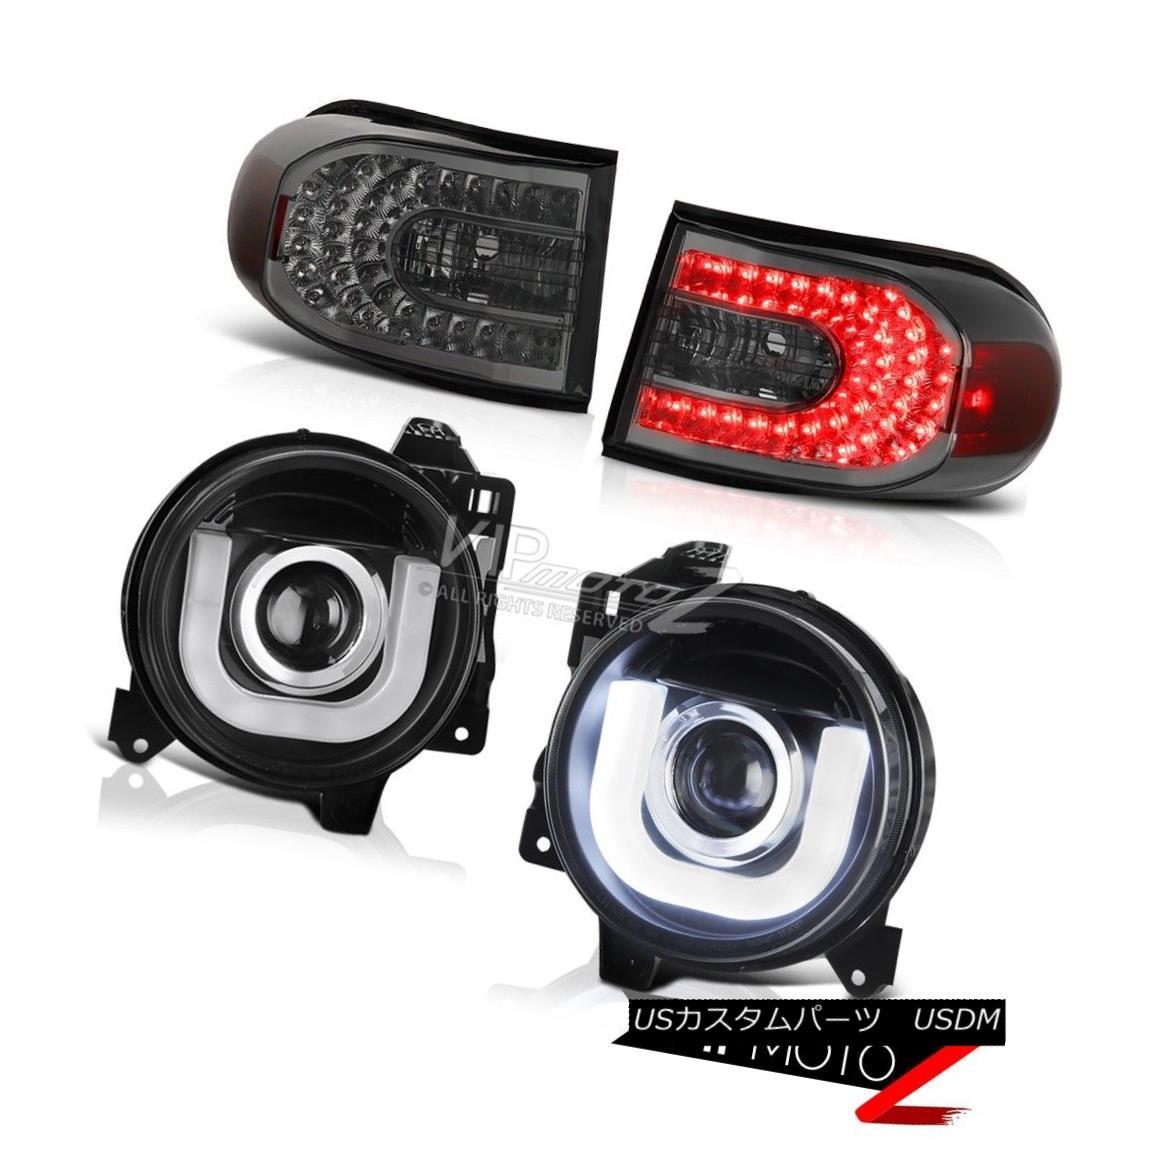 テールライト BLACK 07-14 Toyota FJ Cruiser U BAR Projector Headlights Smoke LED Tail Lights BLACK 07-14トヨタFJクルーザーU BARプロジェクターヘッドライトスモークLEDテールライト